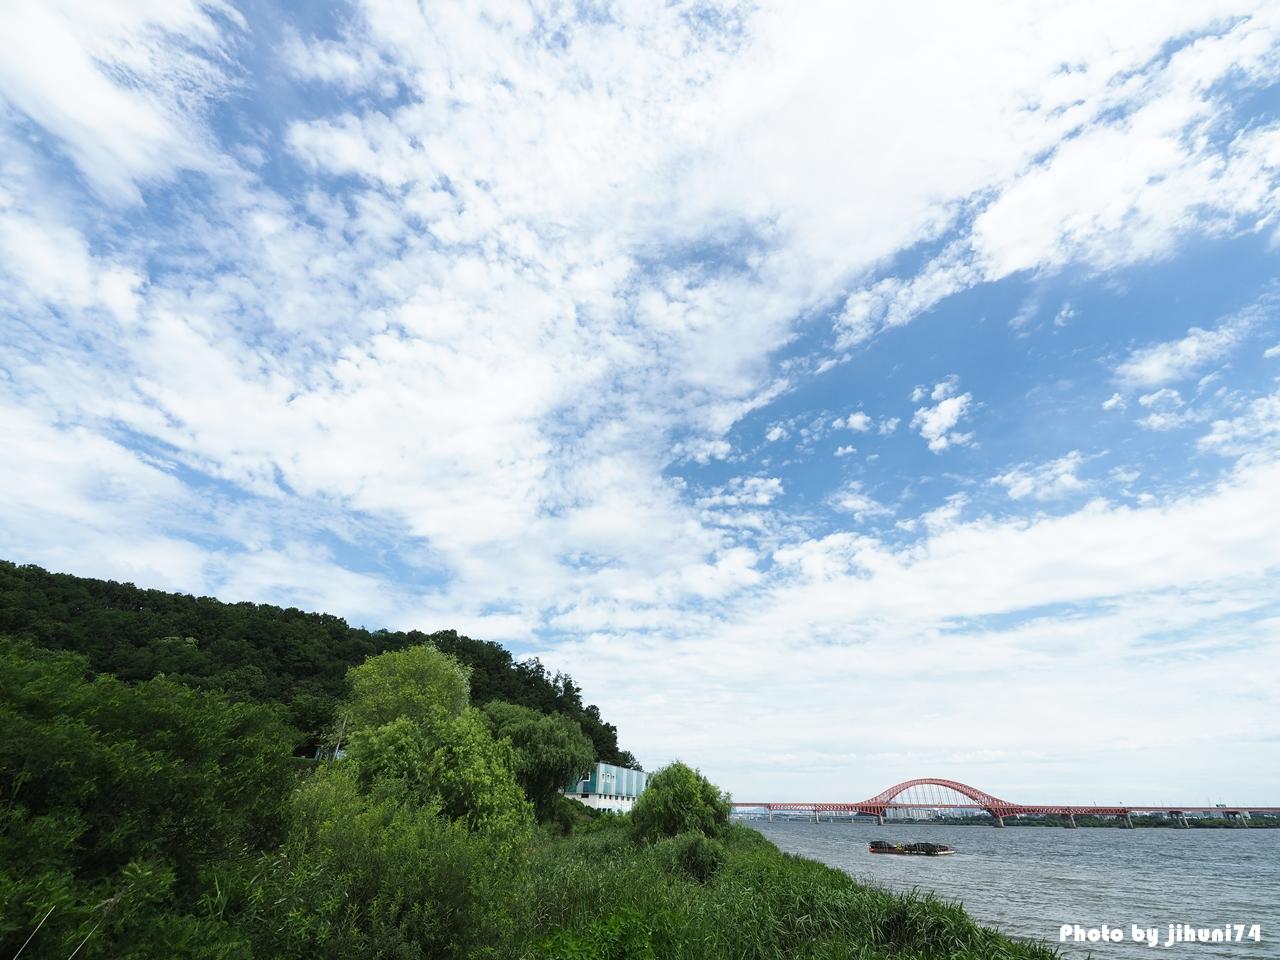 [행주산성 역사공원] 7월의 하늘과 함께 한 잠깐의 휴식